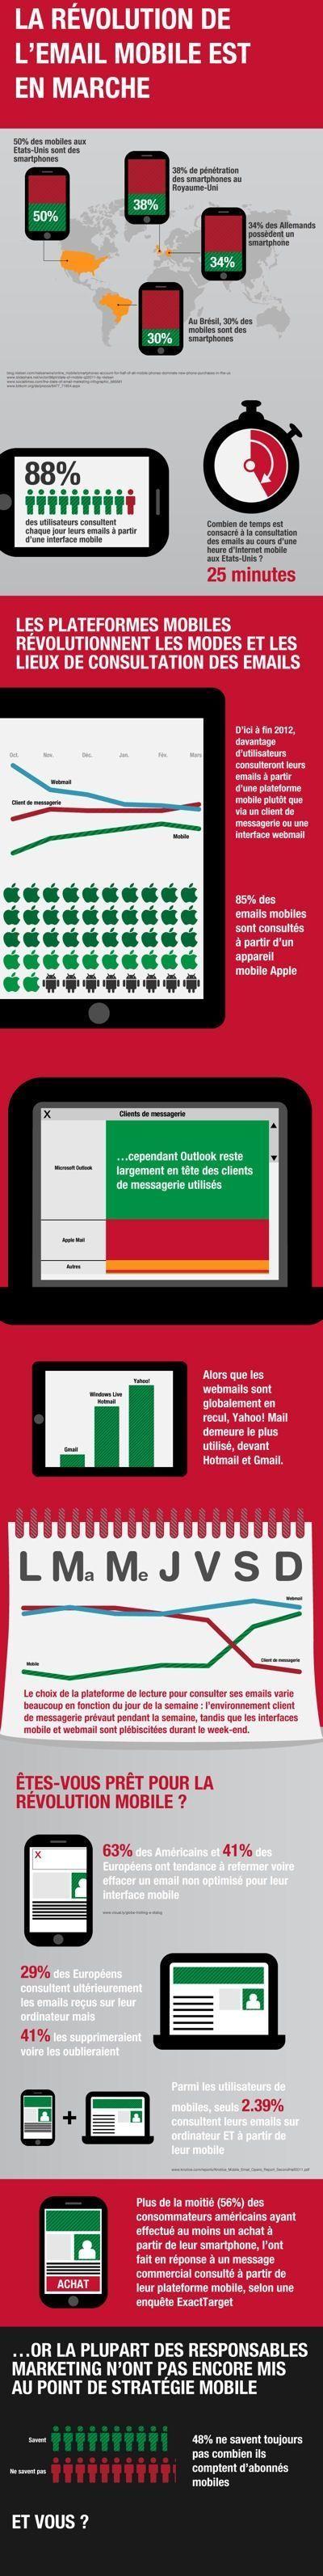 8 infographies pour en apprendre plus sur l'univers du mobile en 2014 | Blog du Webdesign